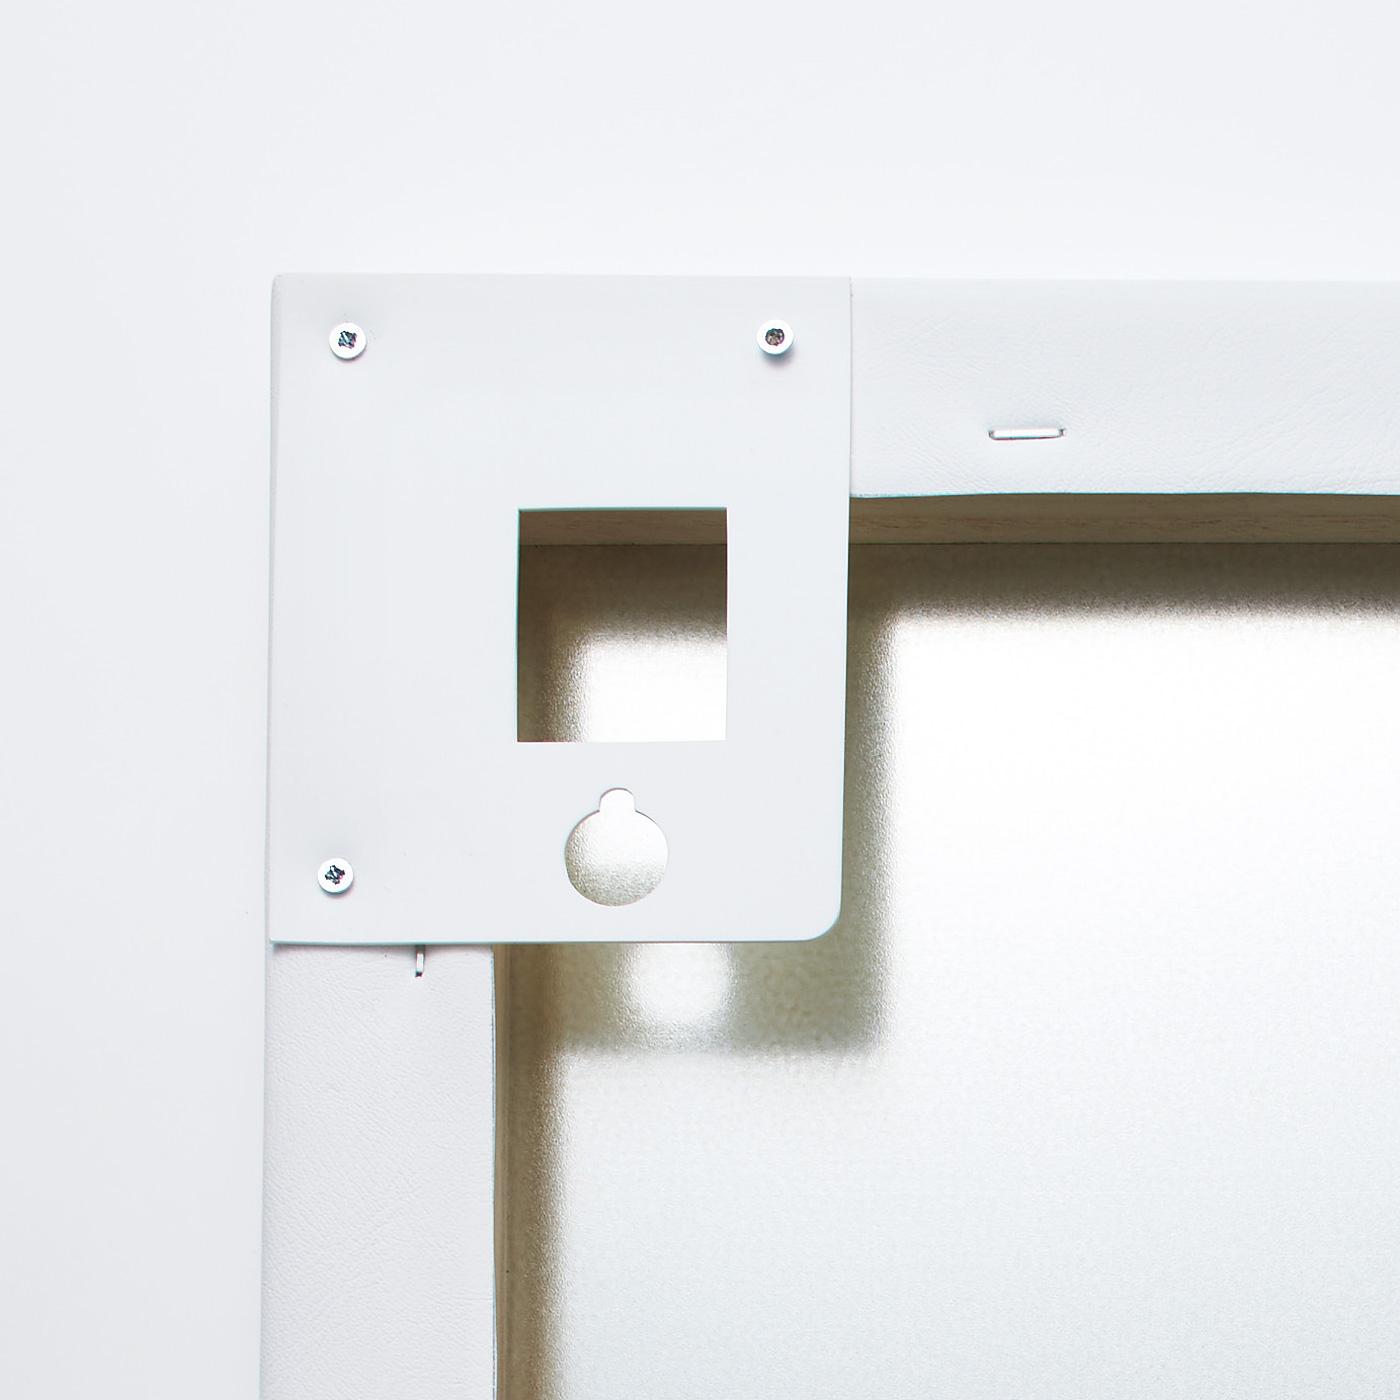 お手持ちのフックに掛けて壁面に設置。背面のパーツが薄型設計なので、壁から浮きにくい仕様です。